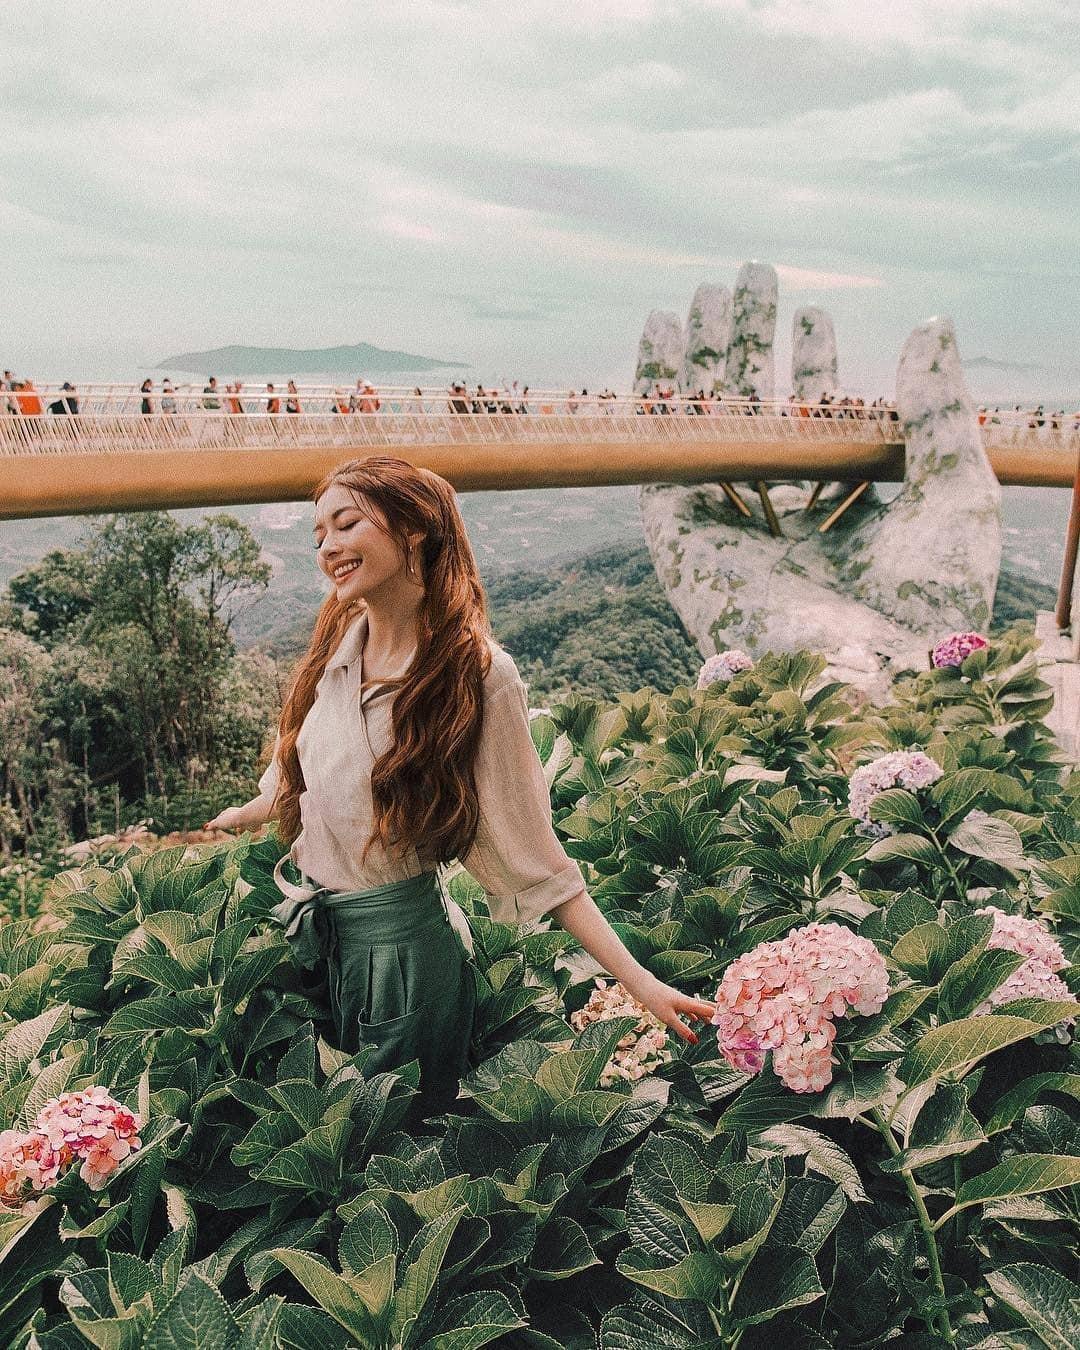 """""""Act cool đứng hình mất 5s"""" trước 8 cây cầu sống ảo đẹp nhất Việt Nam, bạn đã check-in hết chưa? - Ảnh 1."""